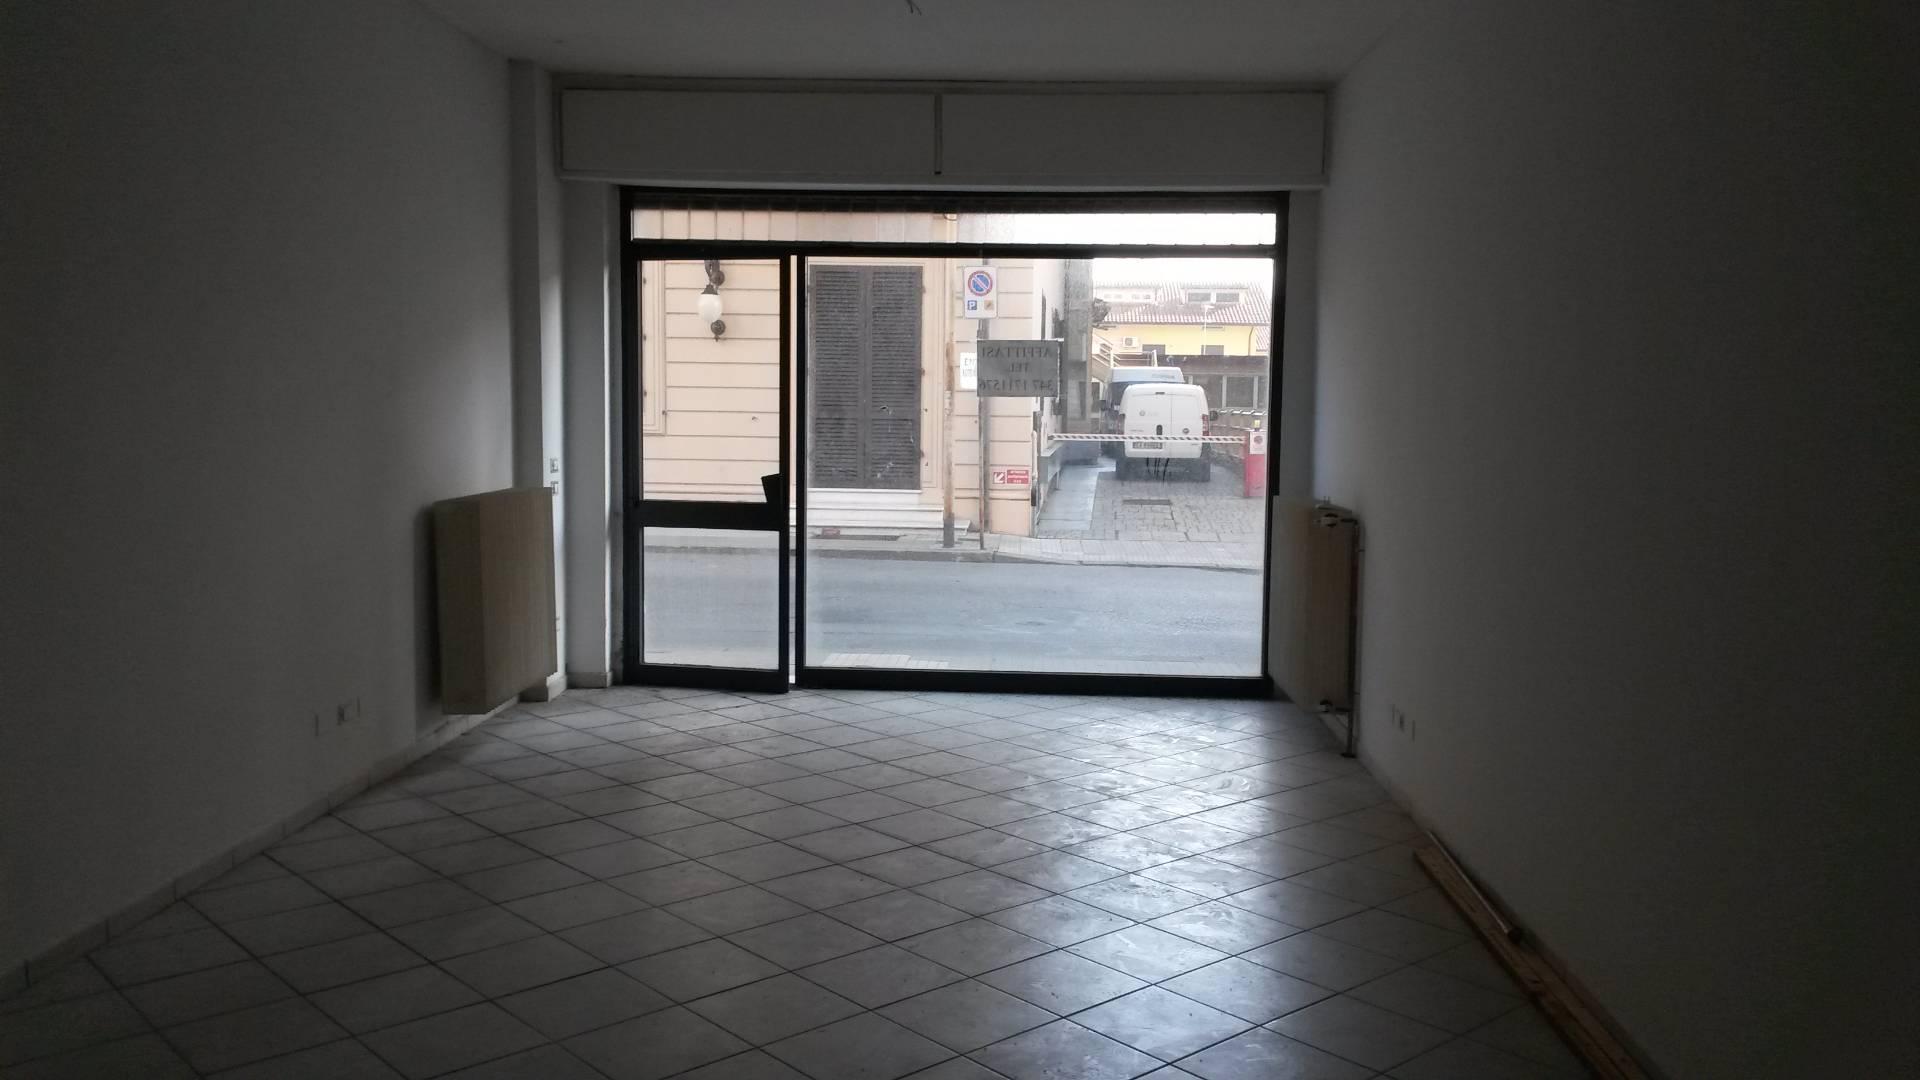 Attività / Licenza in affitto a Montecatini-Terme, 9999 locali, prezzo € 600 | Cambio Casa.it